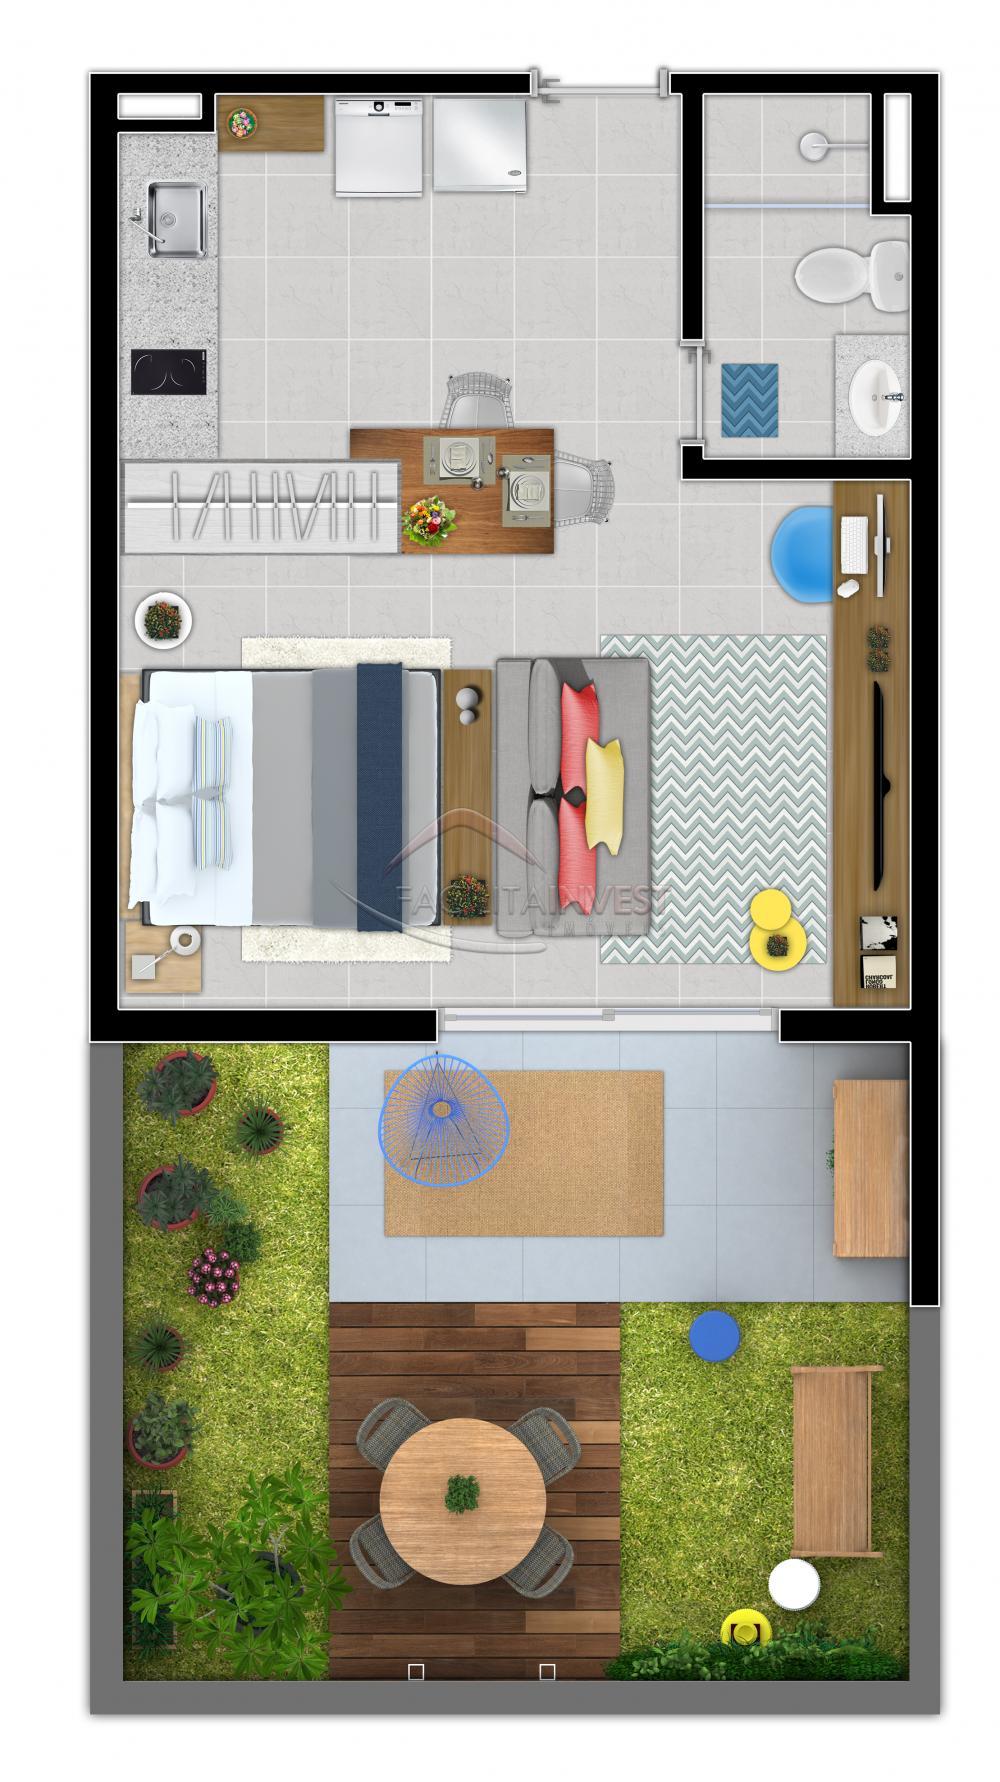 Comprar Apartamentos / Apart. Padrão em Ribeirão Preto apenas R$ 199.502,21 - Foto 5